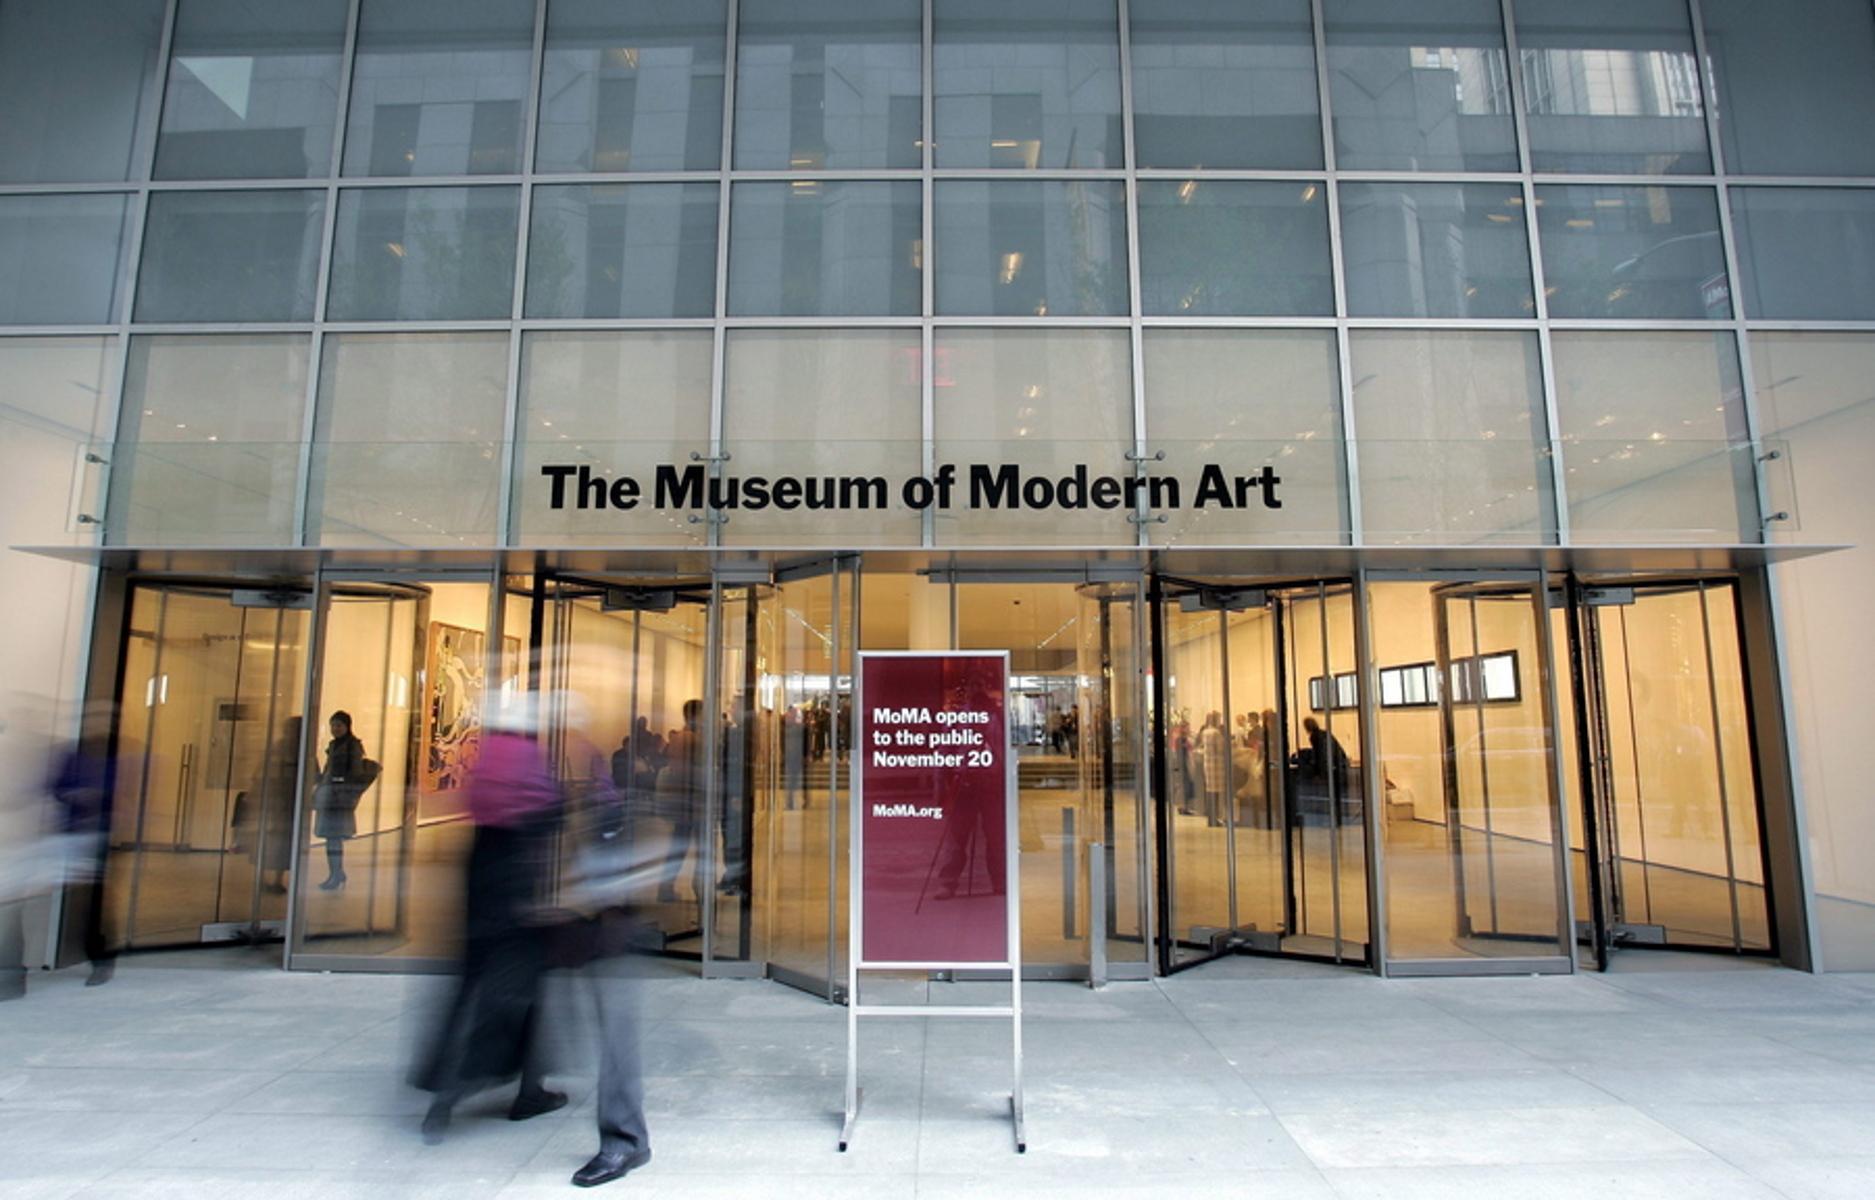 Δωρεάν online μαθήματα από το Μουσείο Μοντέρνας Τέχνης της Νέας Υόρκης